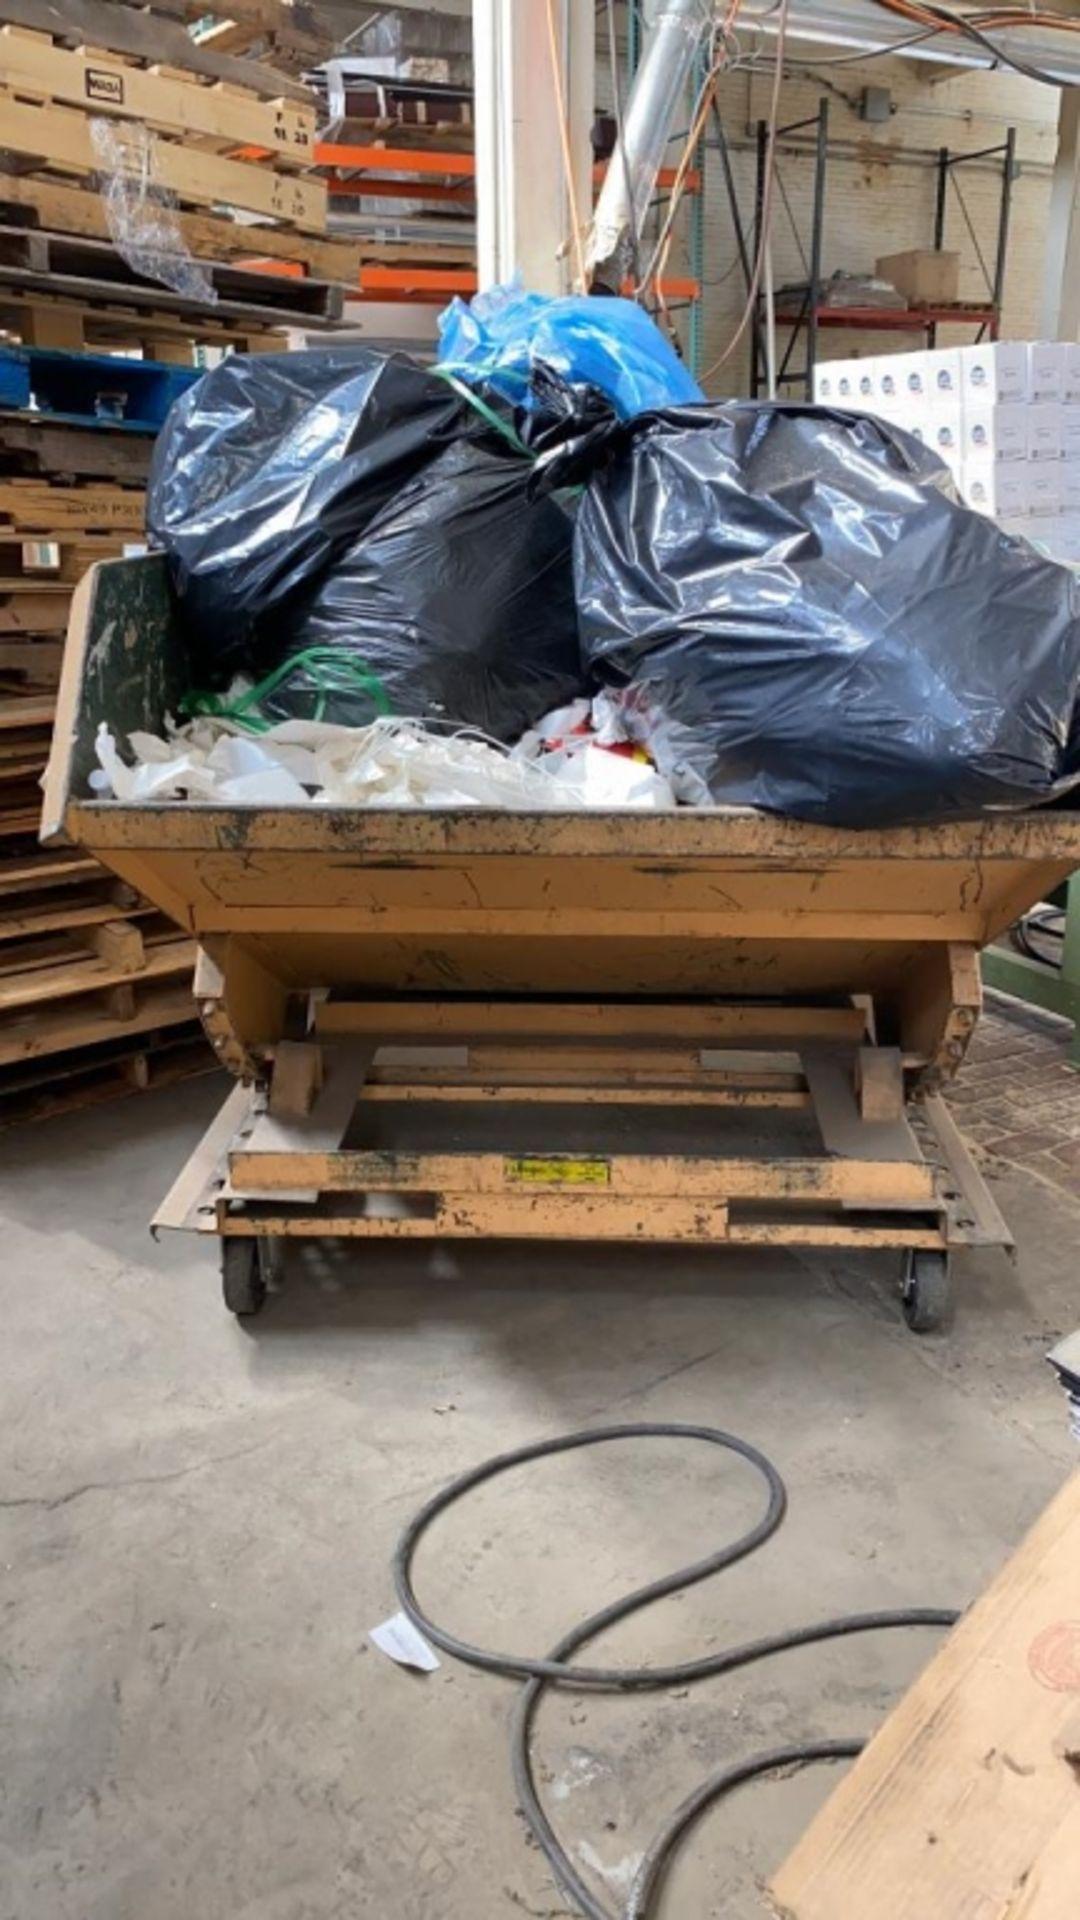 Lot 1037 - Rolling Tilting 2 1/2 Yard Dumpster